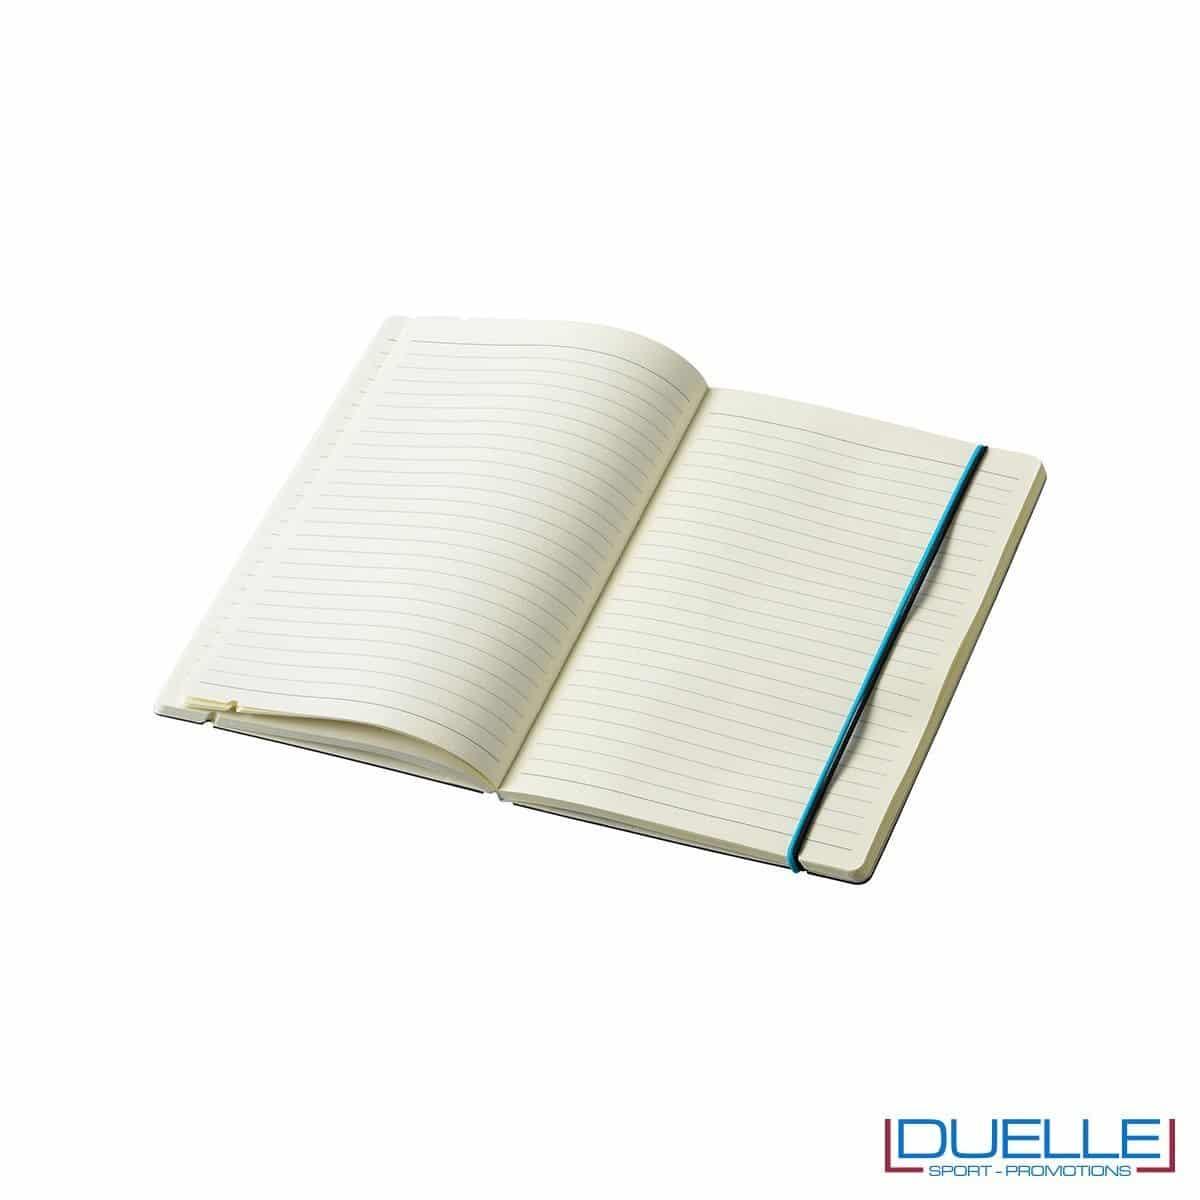 intero a righe per bocco per appunti personalizzato JOURLABOOKS con elastico formato A5, quaderni promozionali personalizzabili